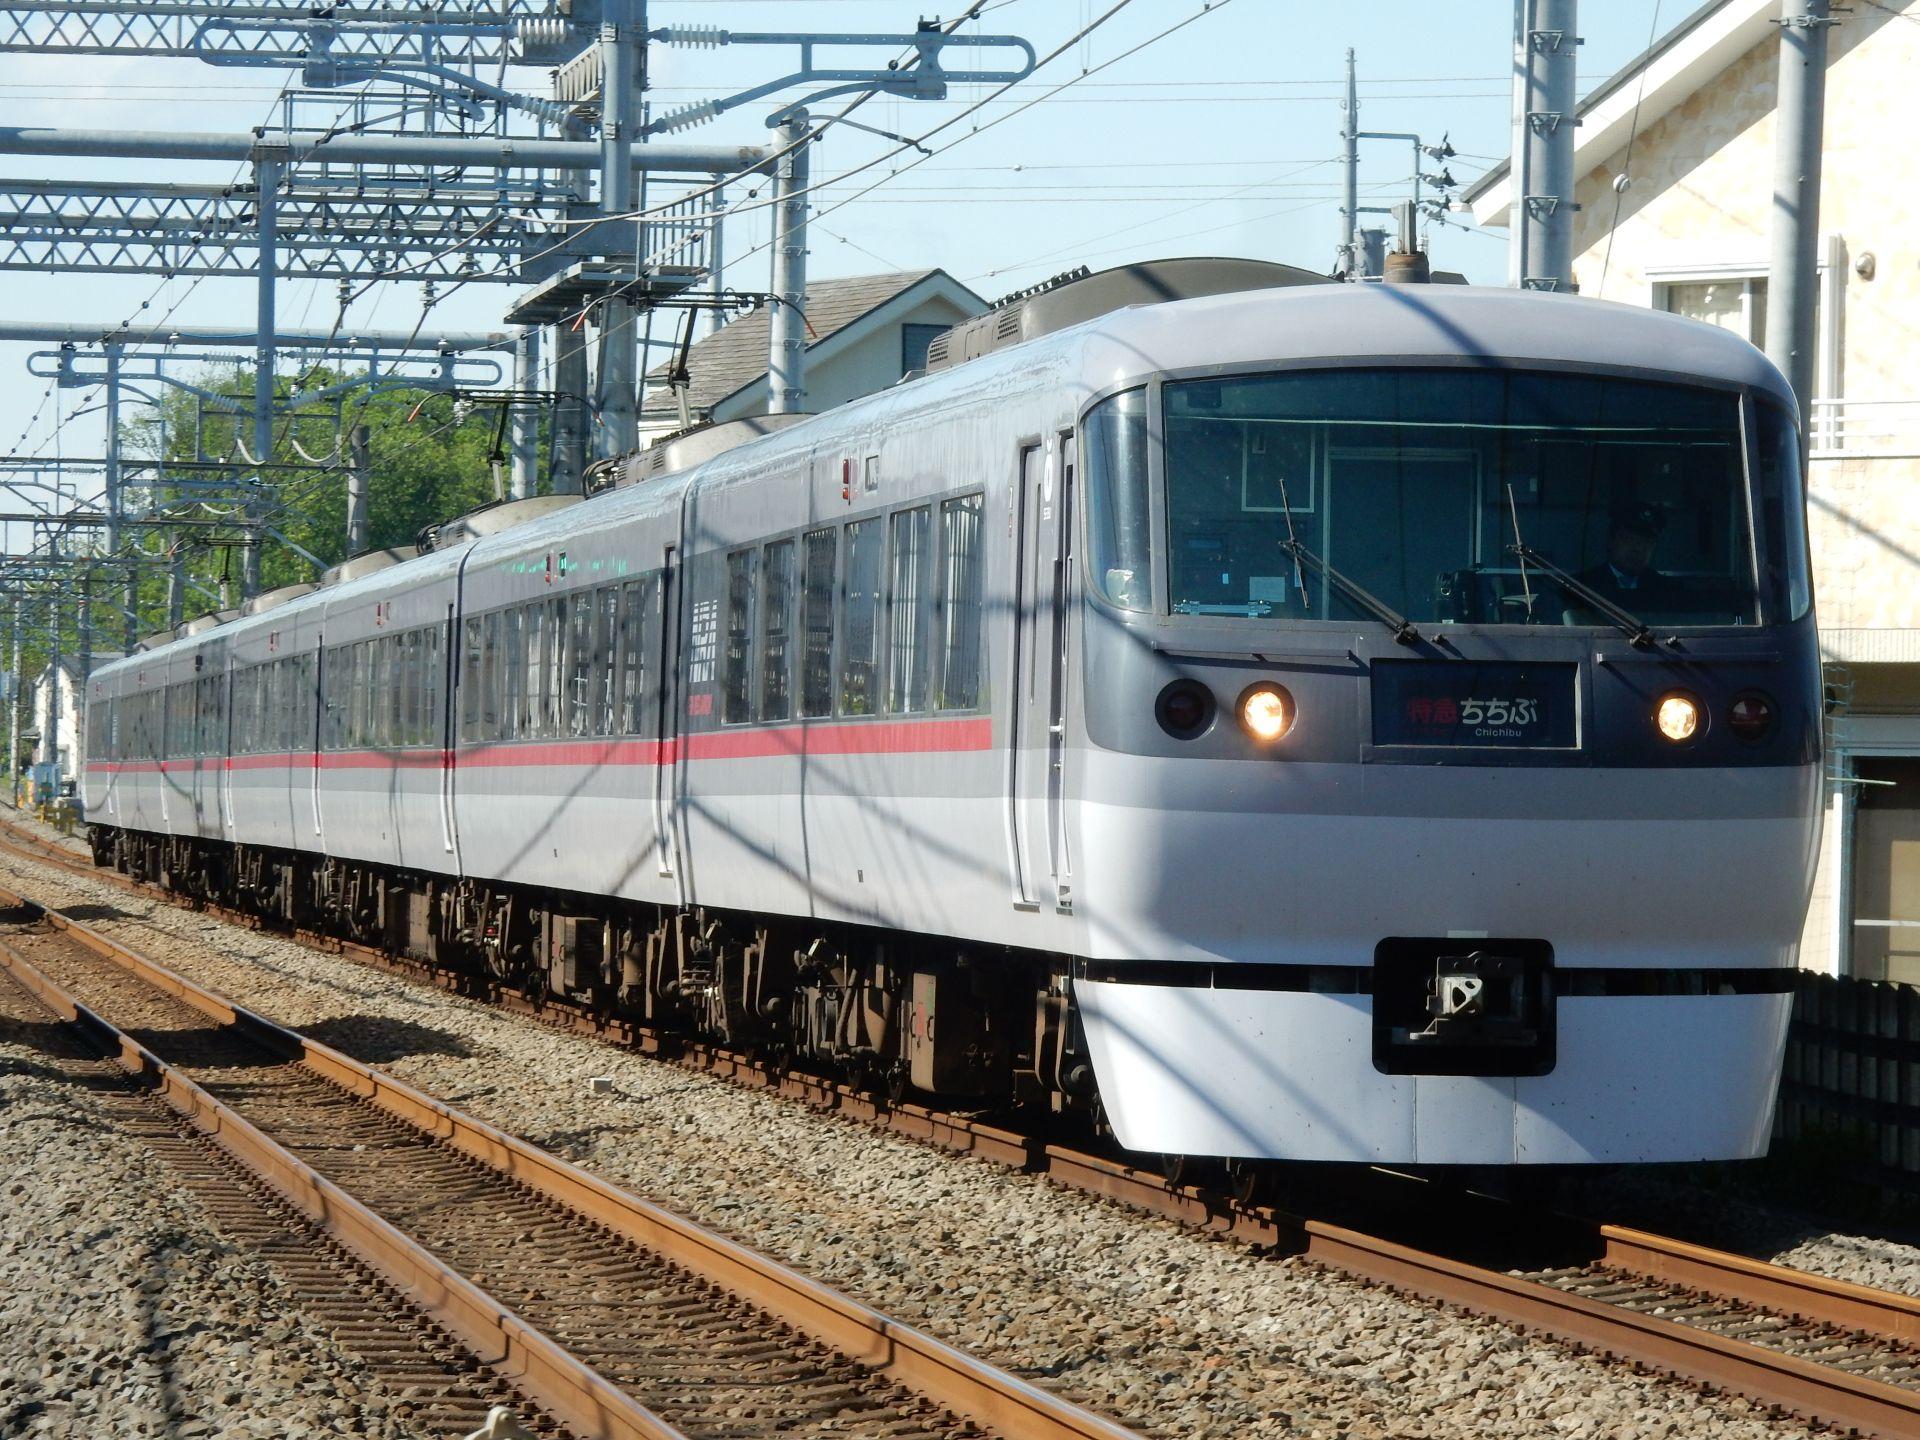 DSCN8521 - コピー